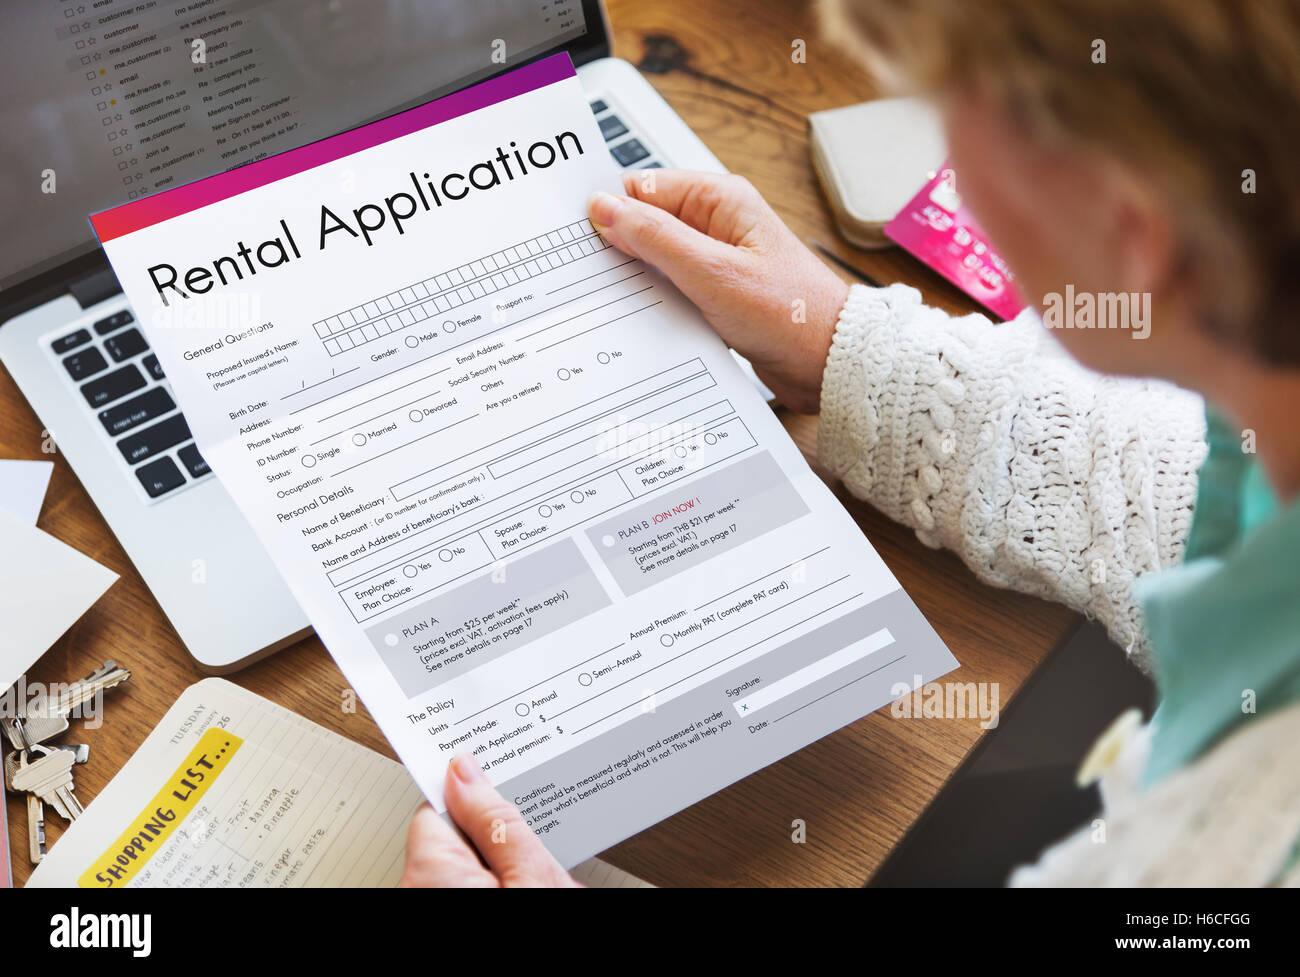 Demande de location s'appliquent emprunter locative Louer Concept Banque D'Images